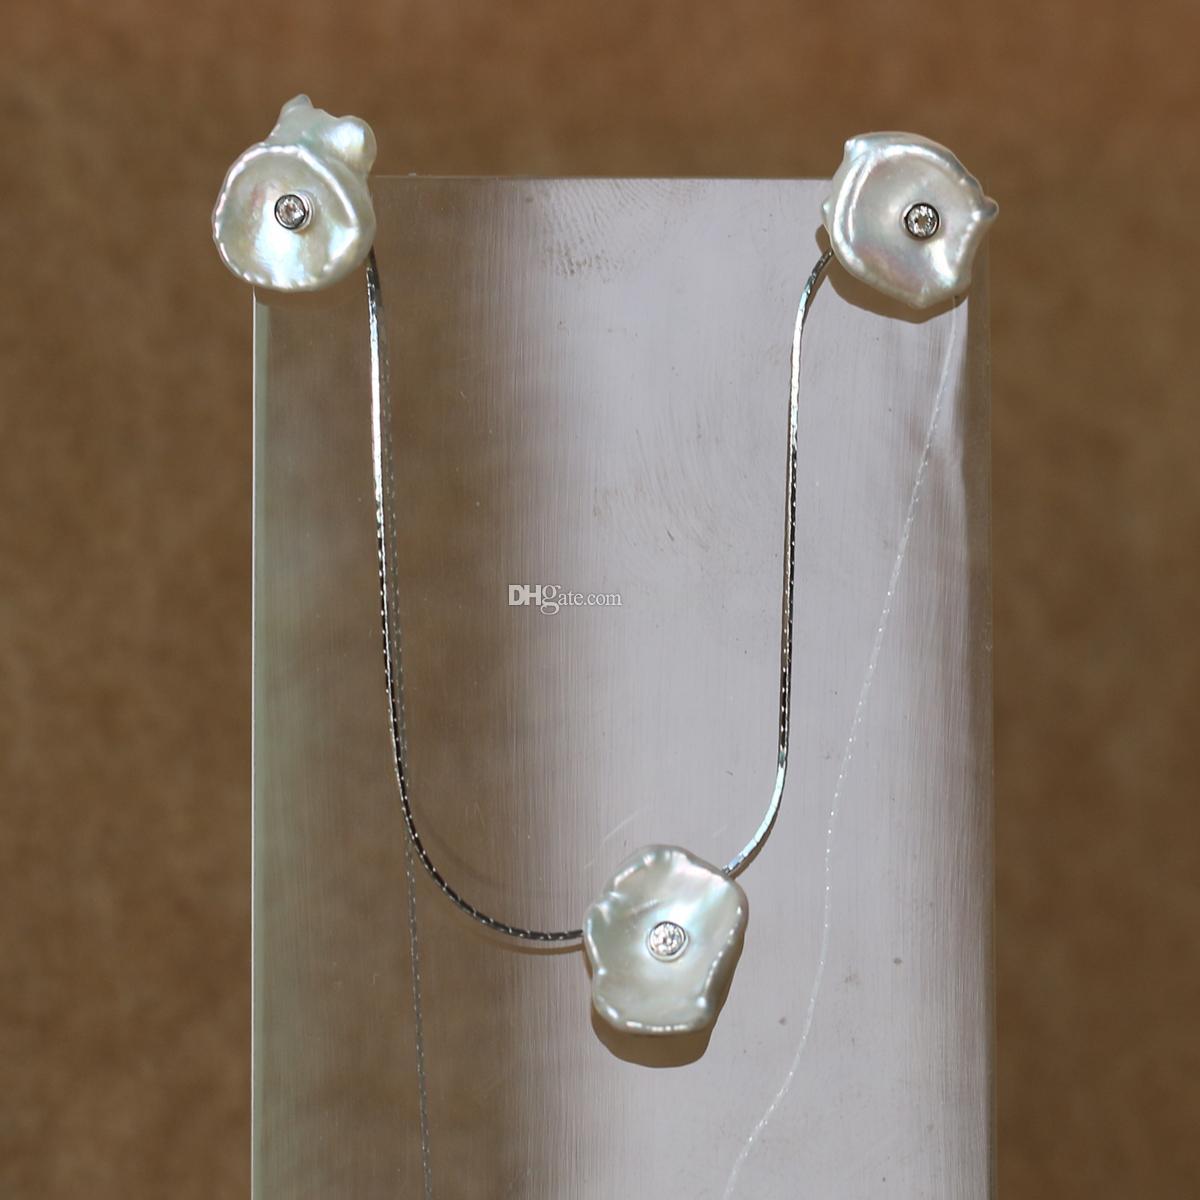 2018 son tarzı Düzensiz saf inci kolye gerçek 925 Ayar Gümüş Zincir Inci Set Küpe Ve Kolye Takı Seti Güzel Jewel